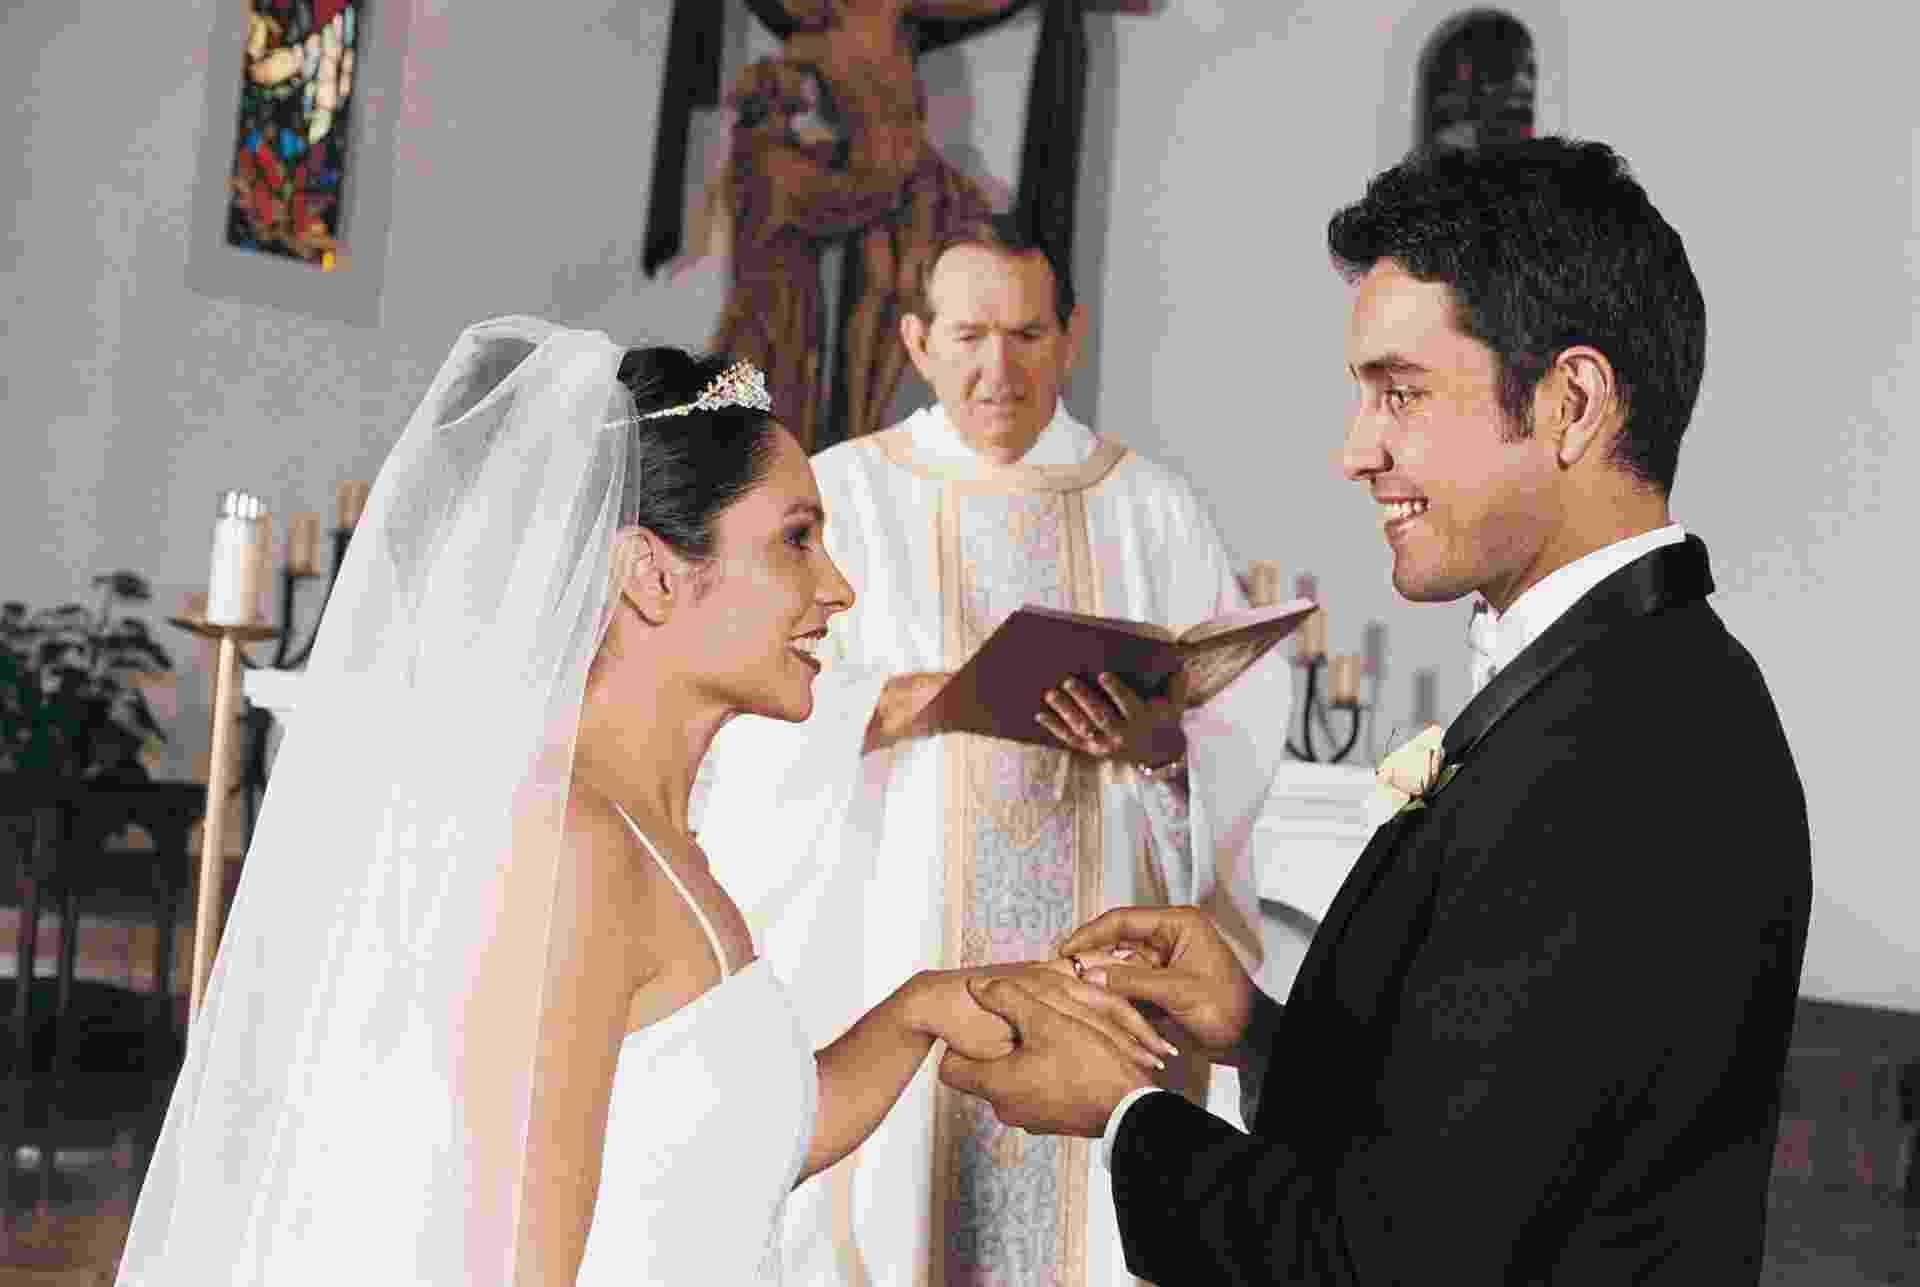 Casamento, cerimônia, matrimônio, noiva, noivo - Getty Images